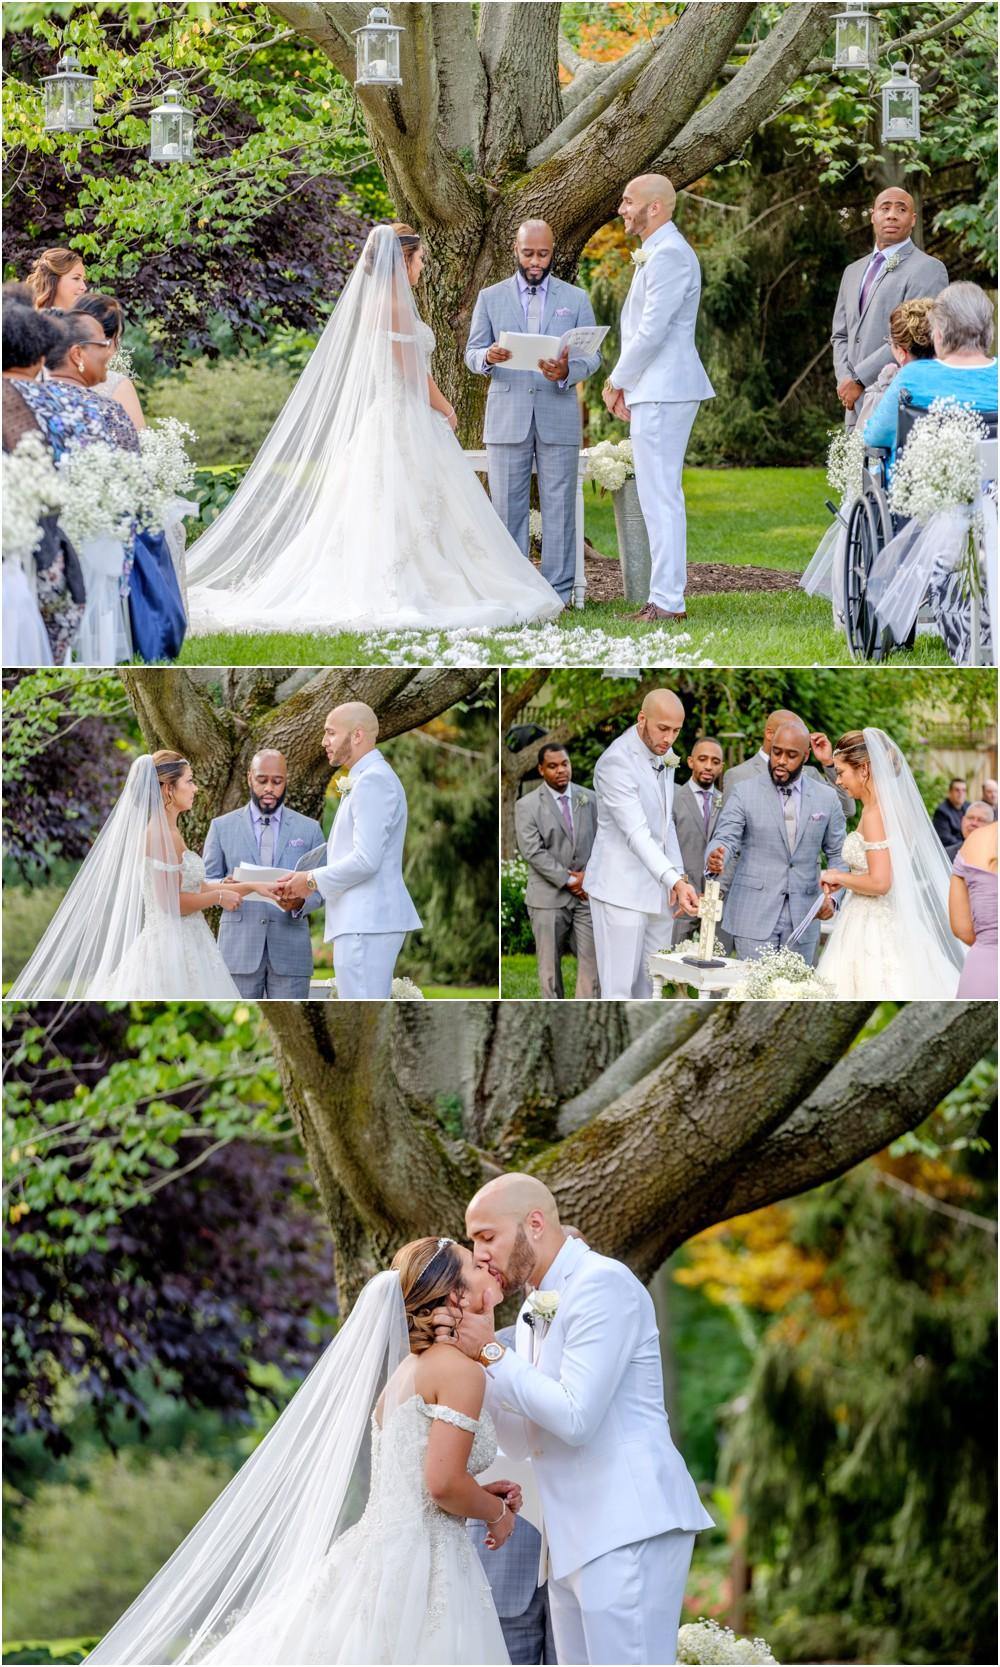 wedding-pictures-at-Avon-gardens_0011.jpg